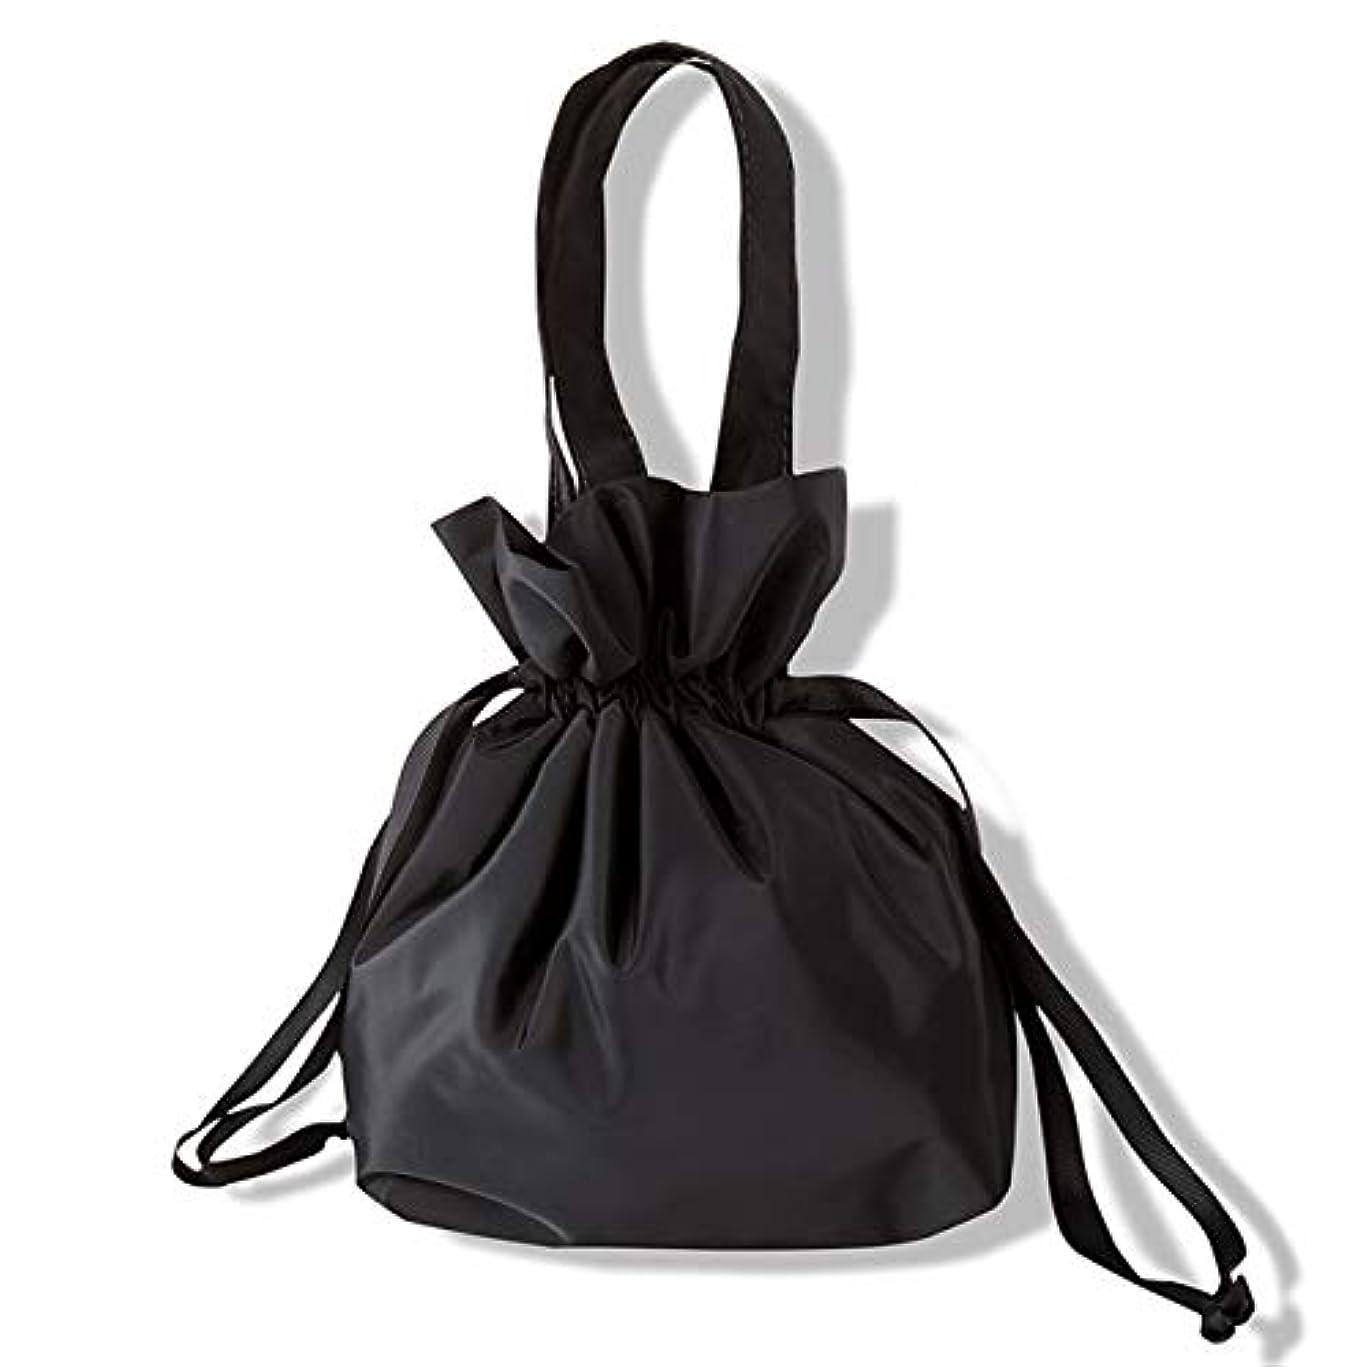 路地作業誰か化粧ポーチ トイレタリーバッグ トラベルポーチ メイクポーチ ミニ 財布 機能的 大容量 化粧品収納 小物入れ 普段使い 出張 旅行 メイク ブラシ バッグ 化粧バッグ